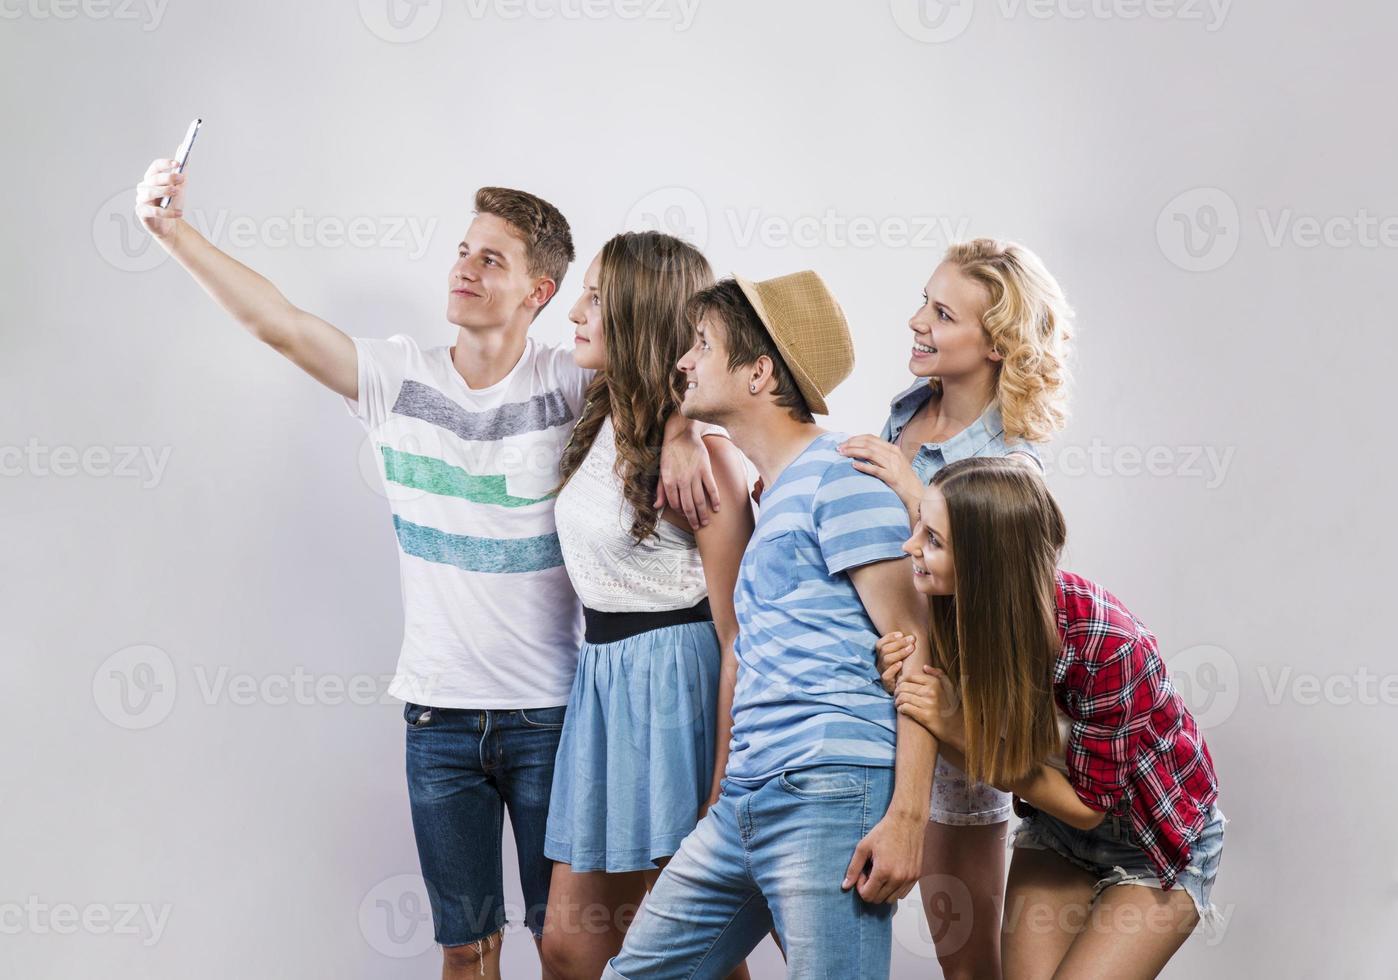 bei giovani foto